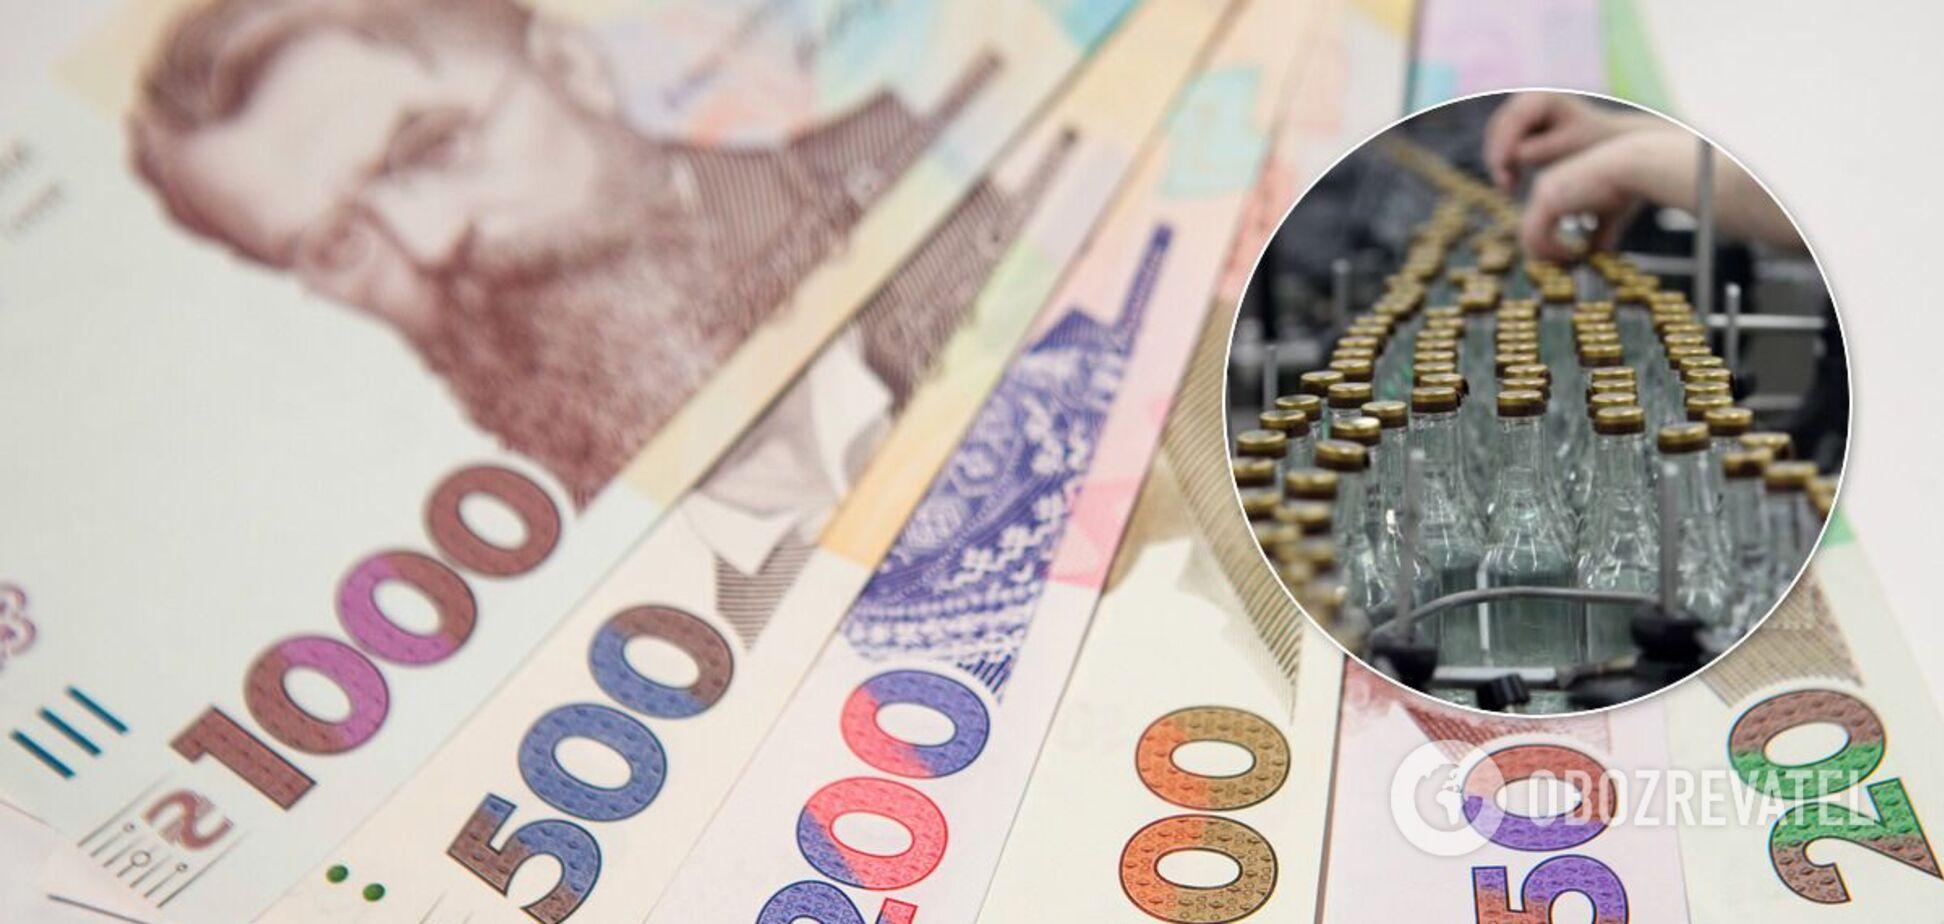 Ціни на алкоголь в Україні можуть злетіти: що подорожчає найбільше